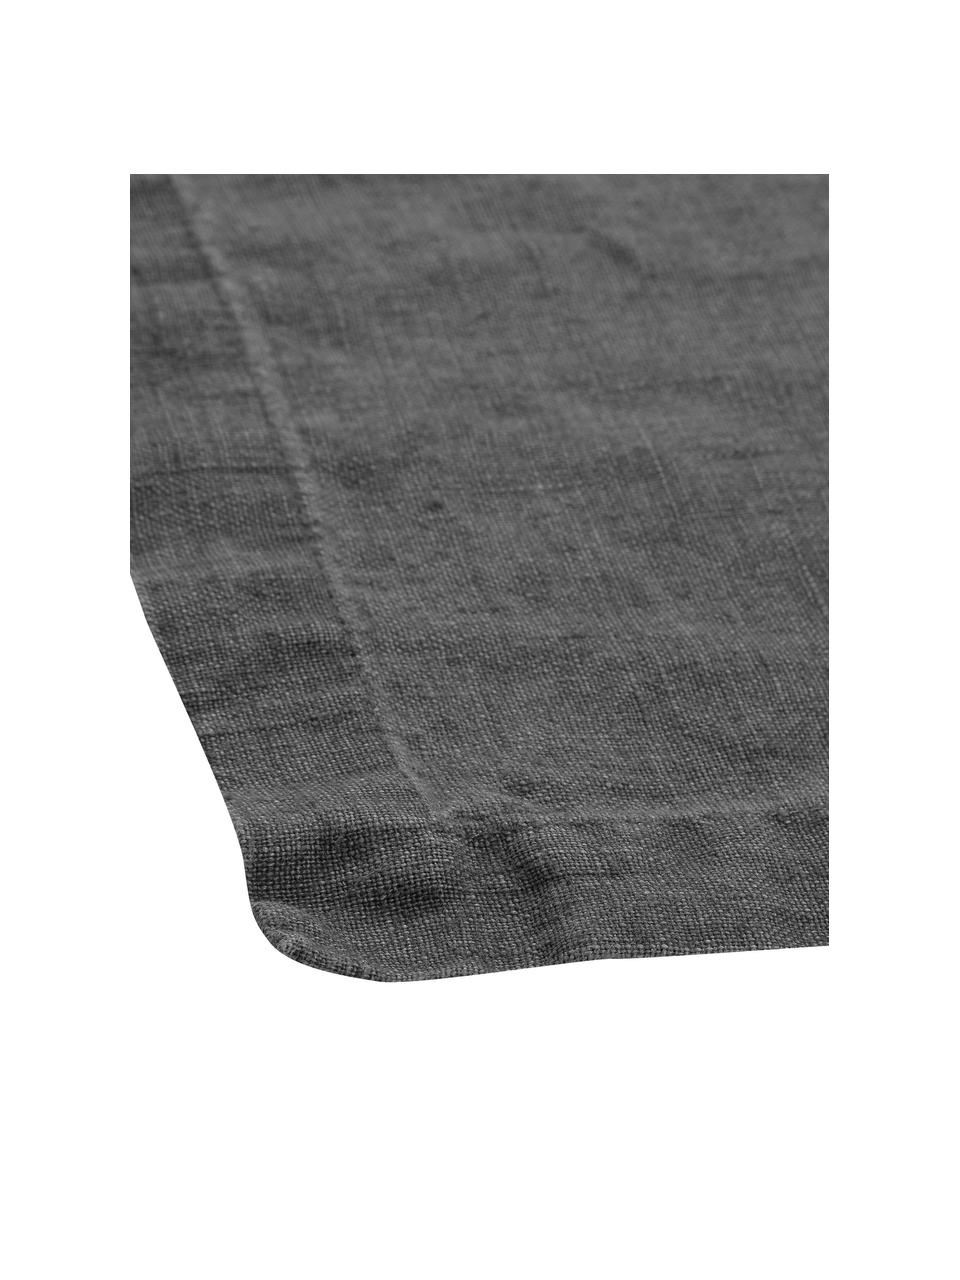 Leinen-Tischdecke Ruta in Anthrazit, Grau, Für 4 - 6 Personen (B 130 x L 170 cm)